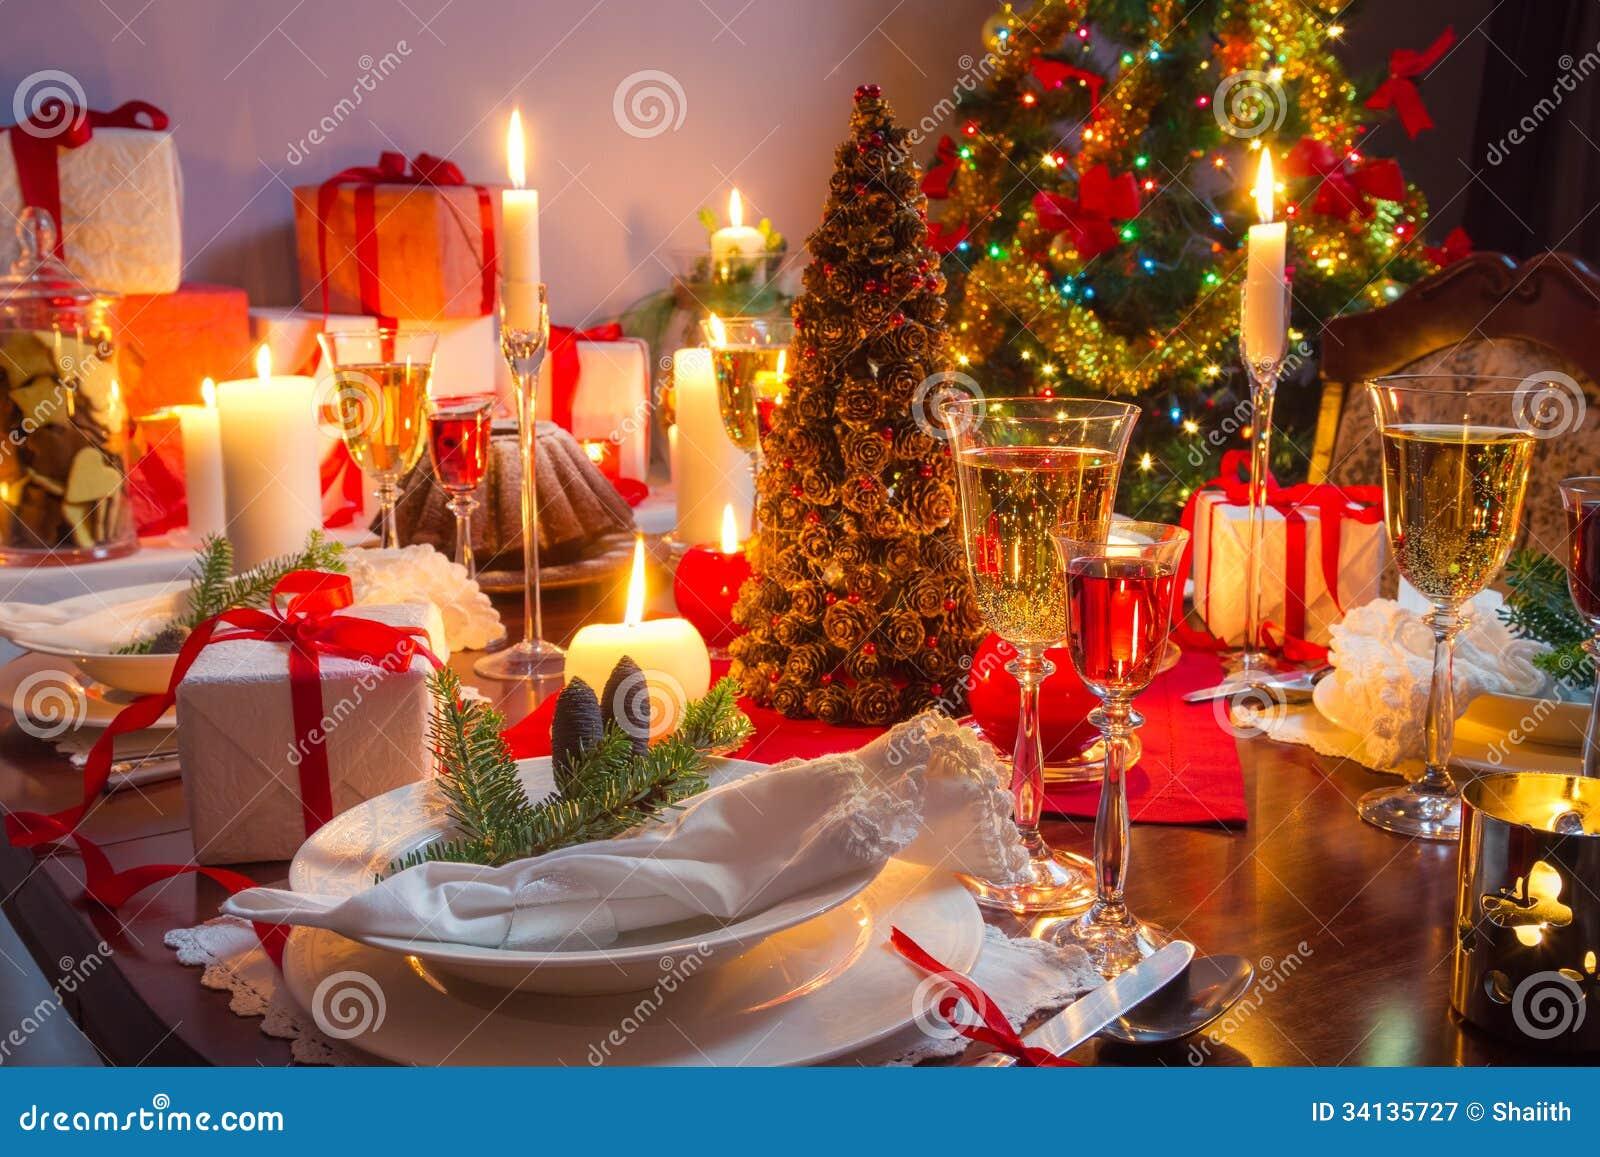 Endroit gratuit la table de no l image stock image du couverts joyeux 34135727 - Image de noel gratuite ...